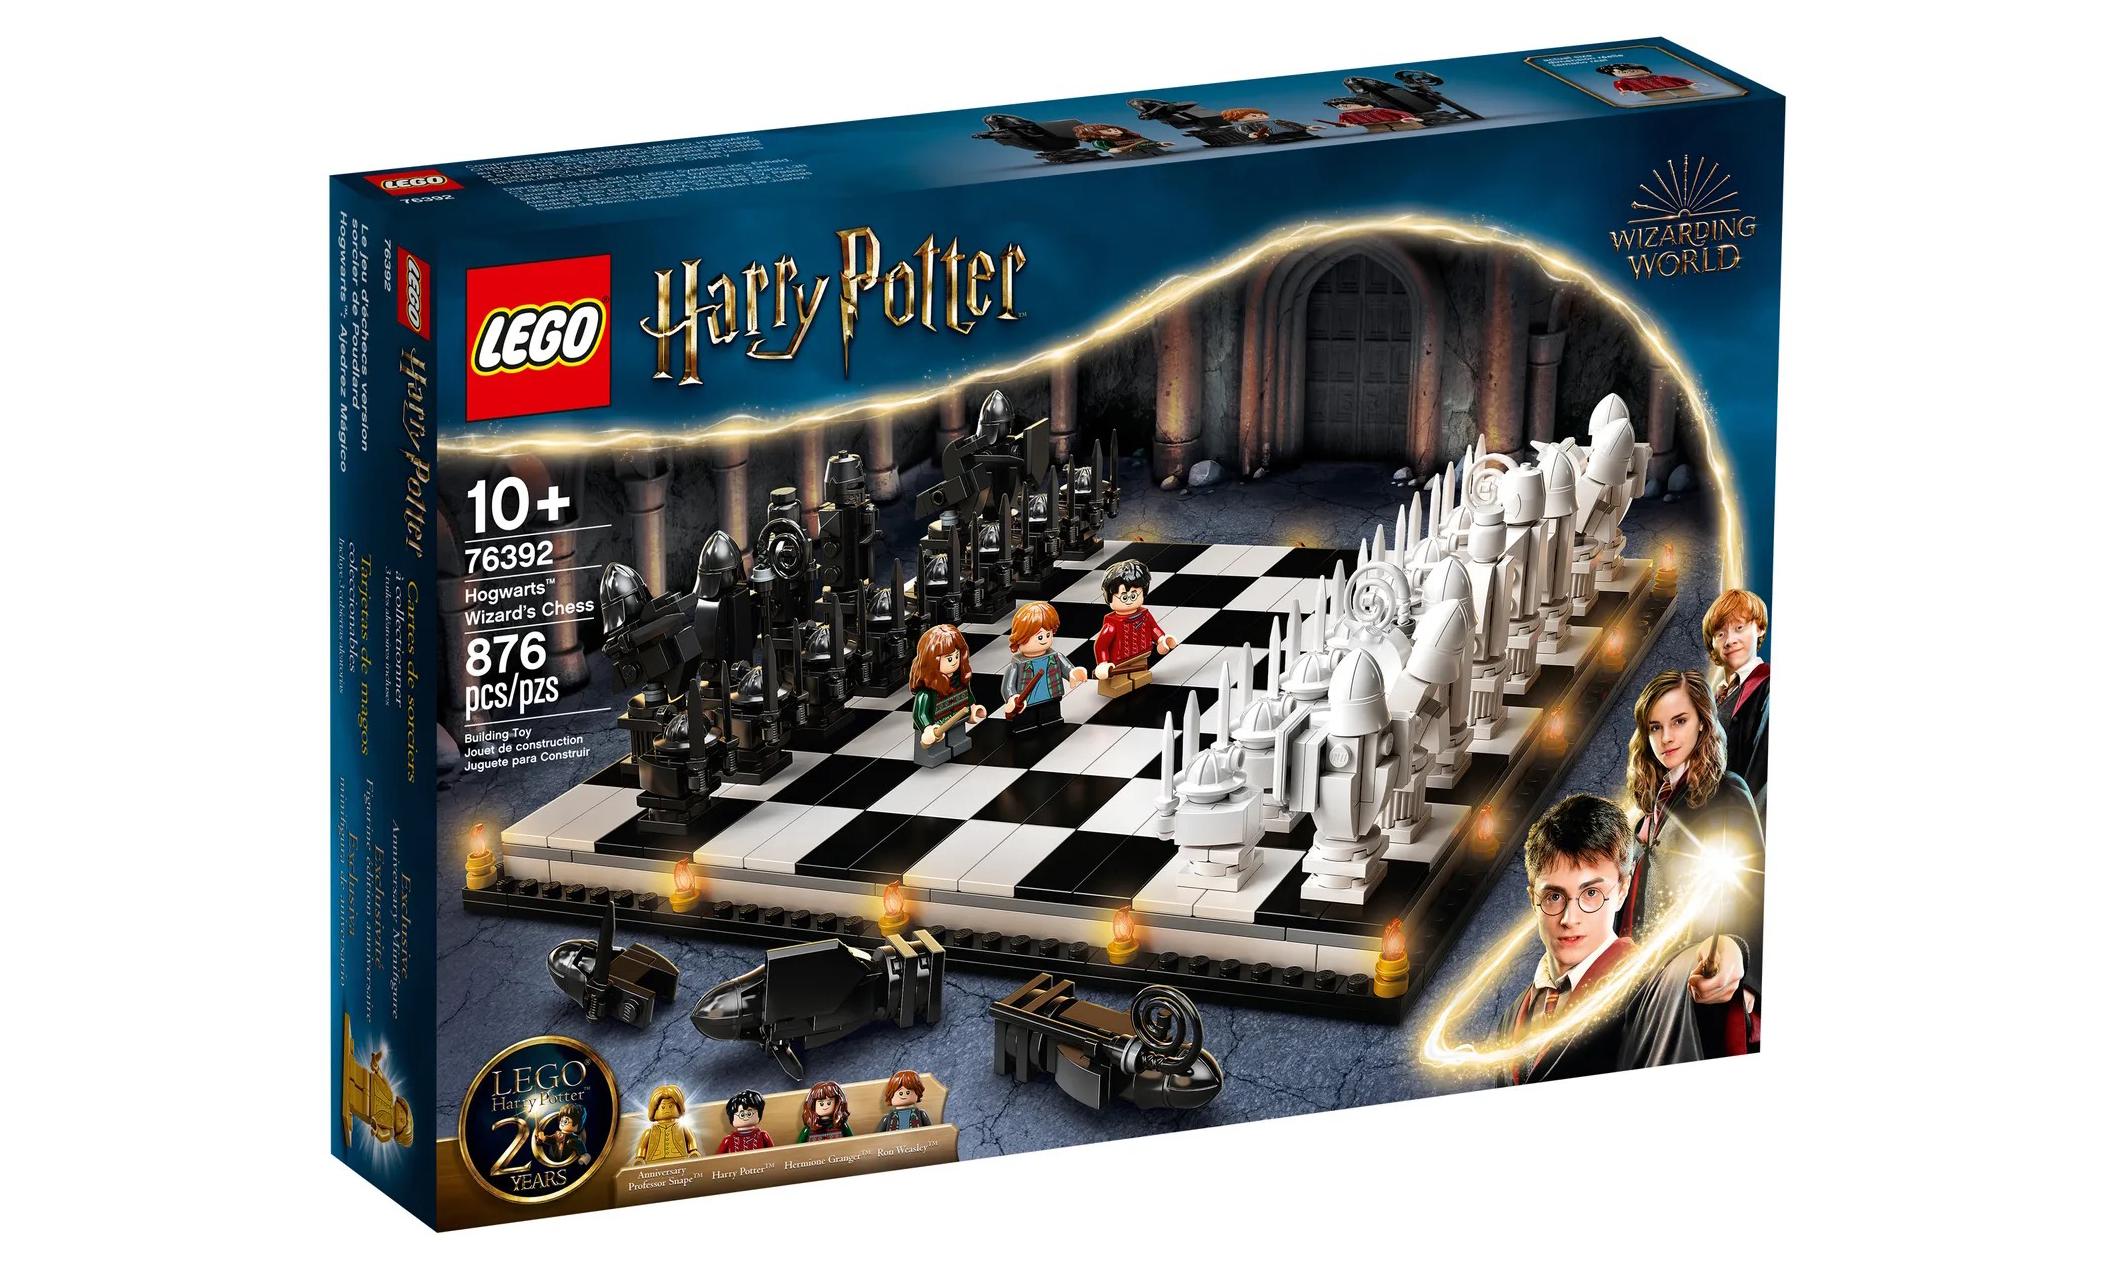 LEGO 76392《哈利波特》霍格沃茨巫师棋套组亮相